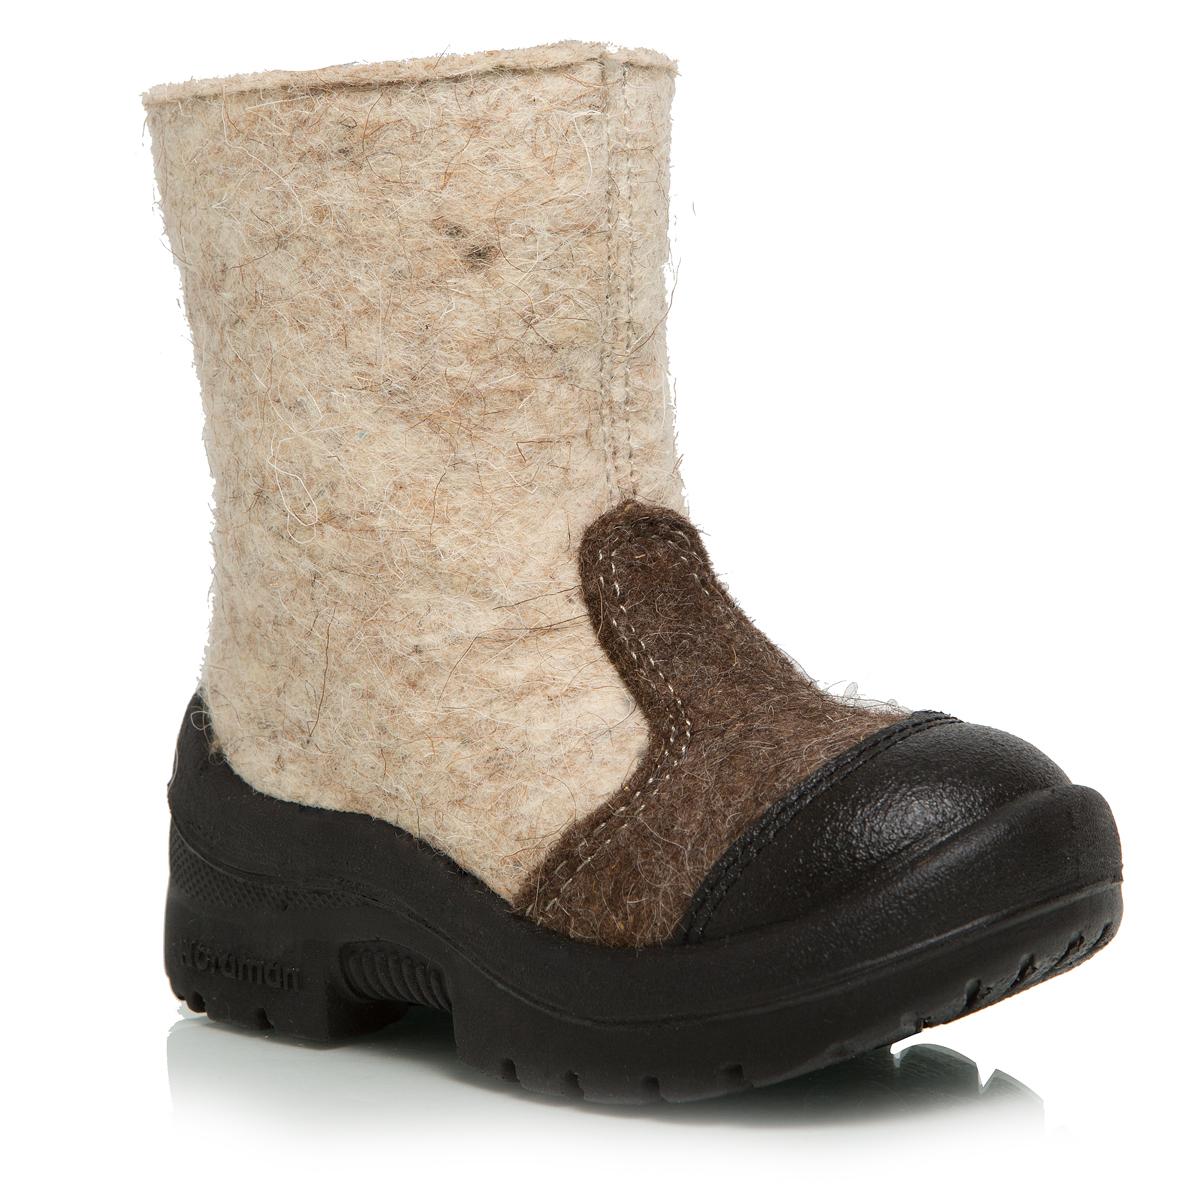 114010-03Валенки Nordman выполнены из качественного войлока. Носок дополнительно усилен вставкой из натуральной кожи. На ноге модель фиксируется с помощью удобной застежки-молнии. Внутренняя поверхность выполнена из натуральной шерсти, которая обеспечит тепло и комфорт. Съемная стелька также выполнена из натуральной шерсти. Подошва изготовлена из полиуретана и дополнена протектором, который обеспечит отличное сцепление с любой поверхностью.